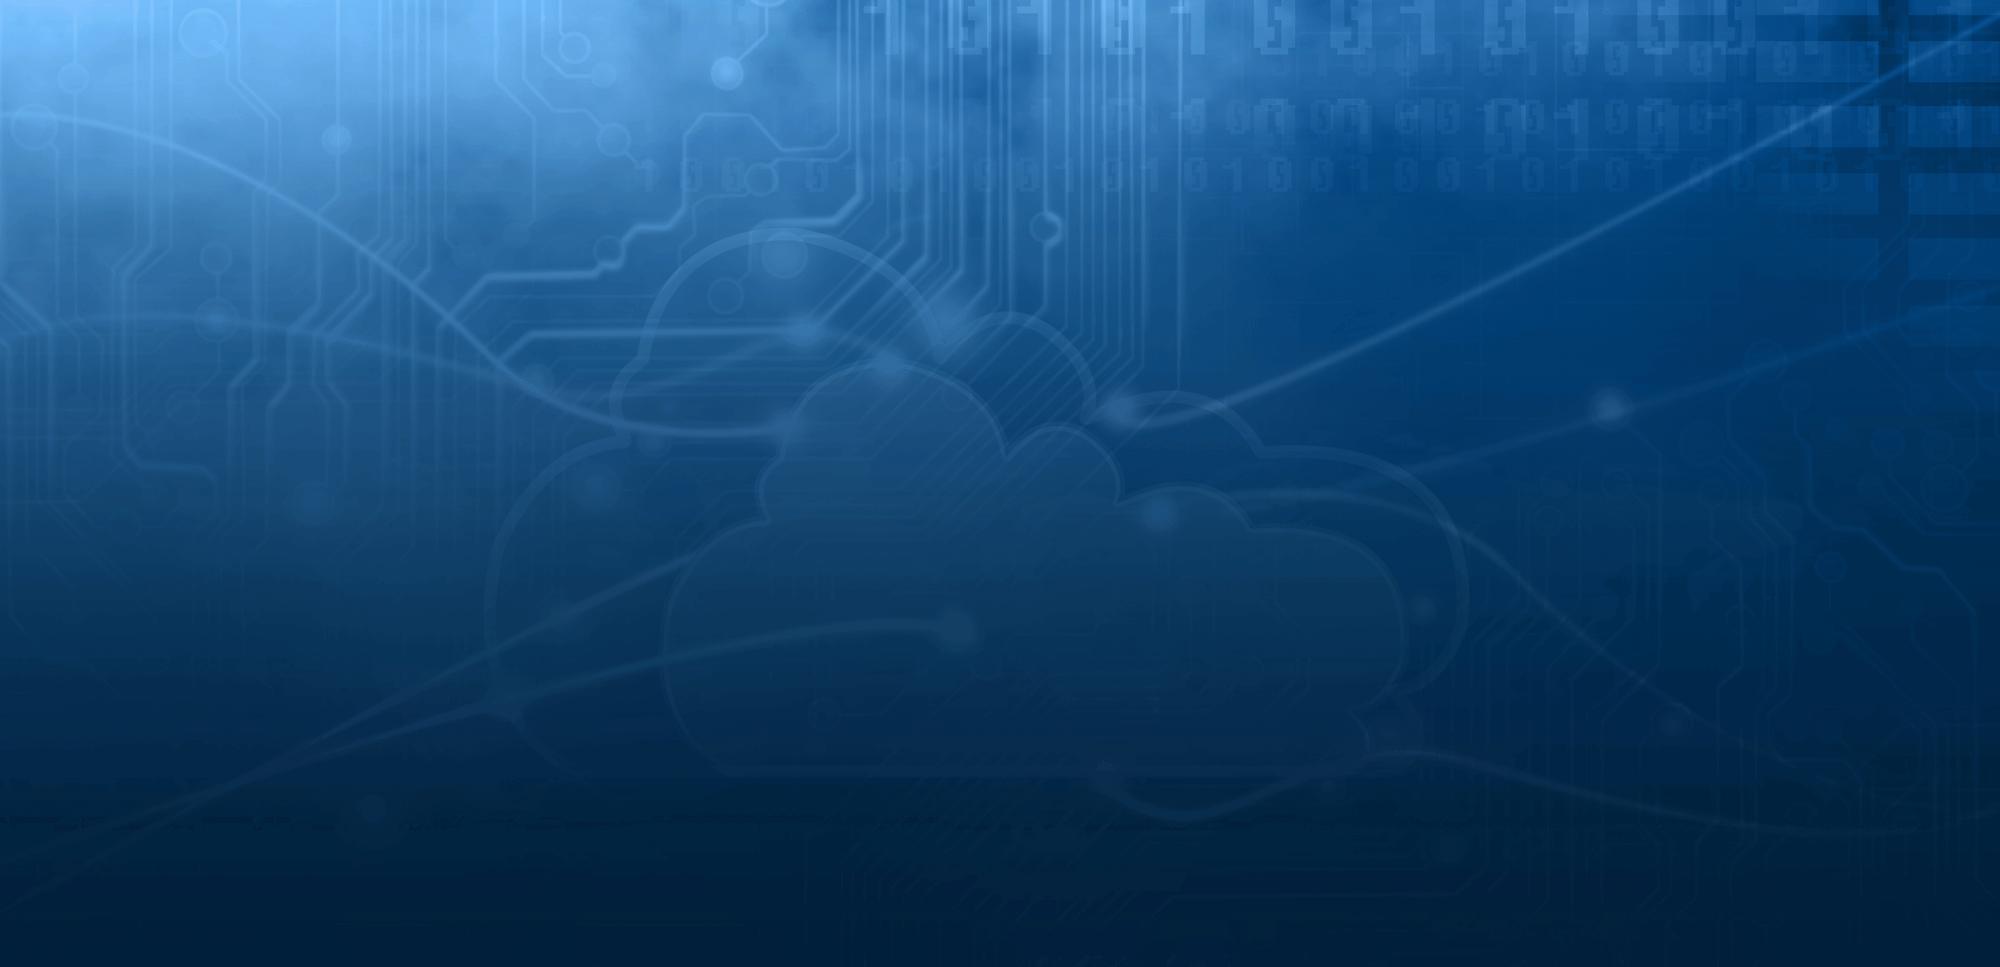 Banner de base de datos de computación en la nube